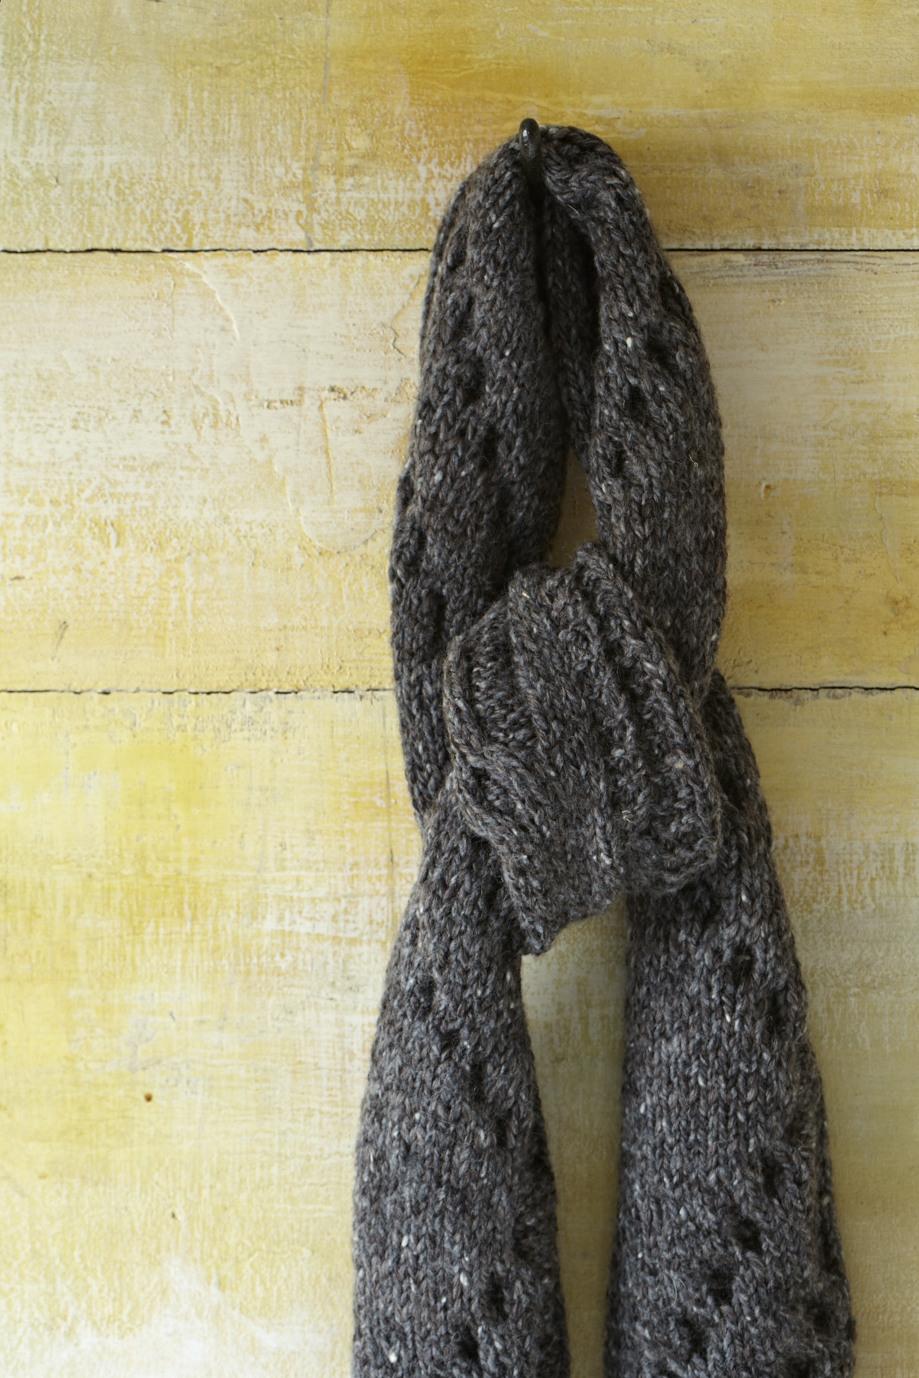 140a_TwistCableScarf_002.jpg